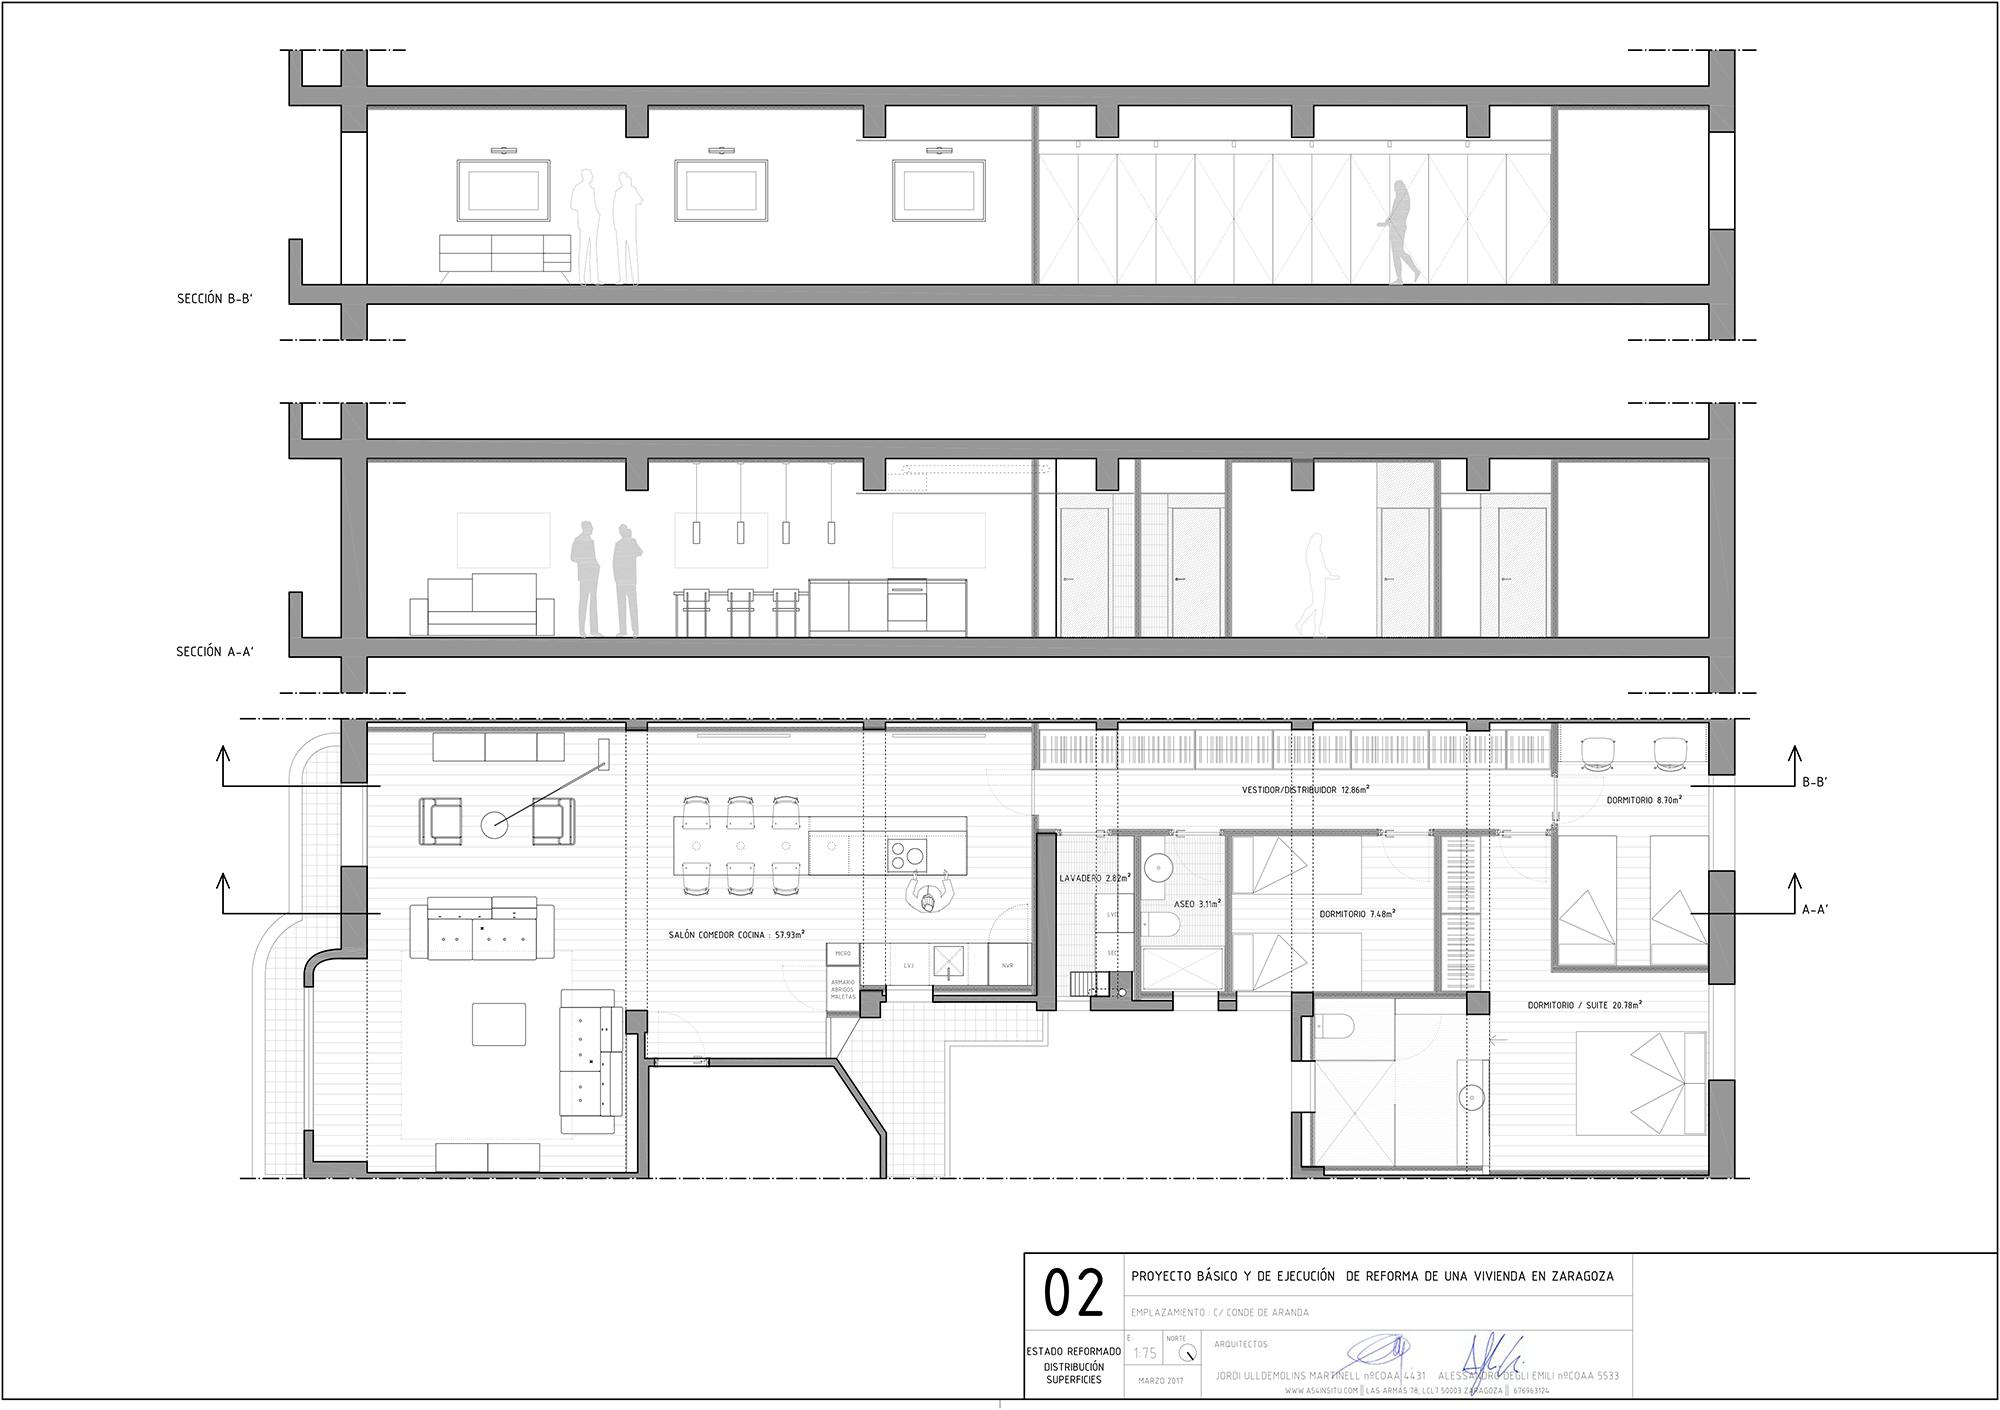 proyecto de reforma interior de una vivienda en Conde Aranda Zaragoza realizado por el estudio de arquitectura diseño e interiorismo A54insitu ubicado en Las Armas Zaragoza